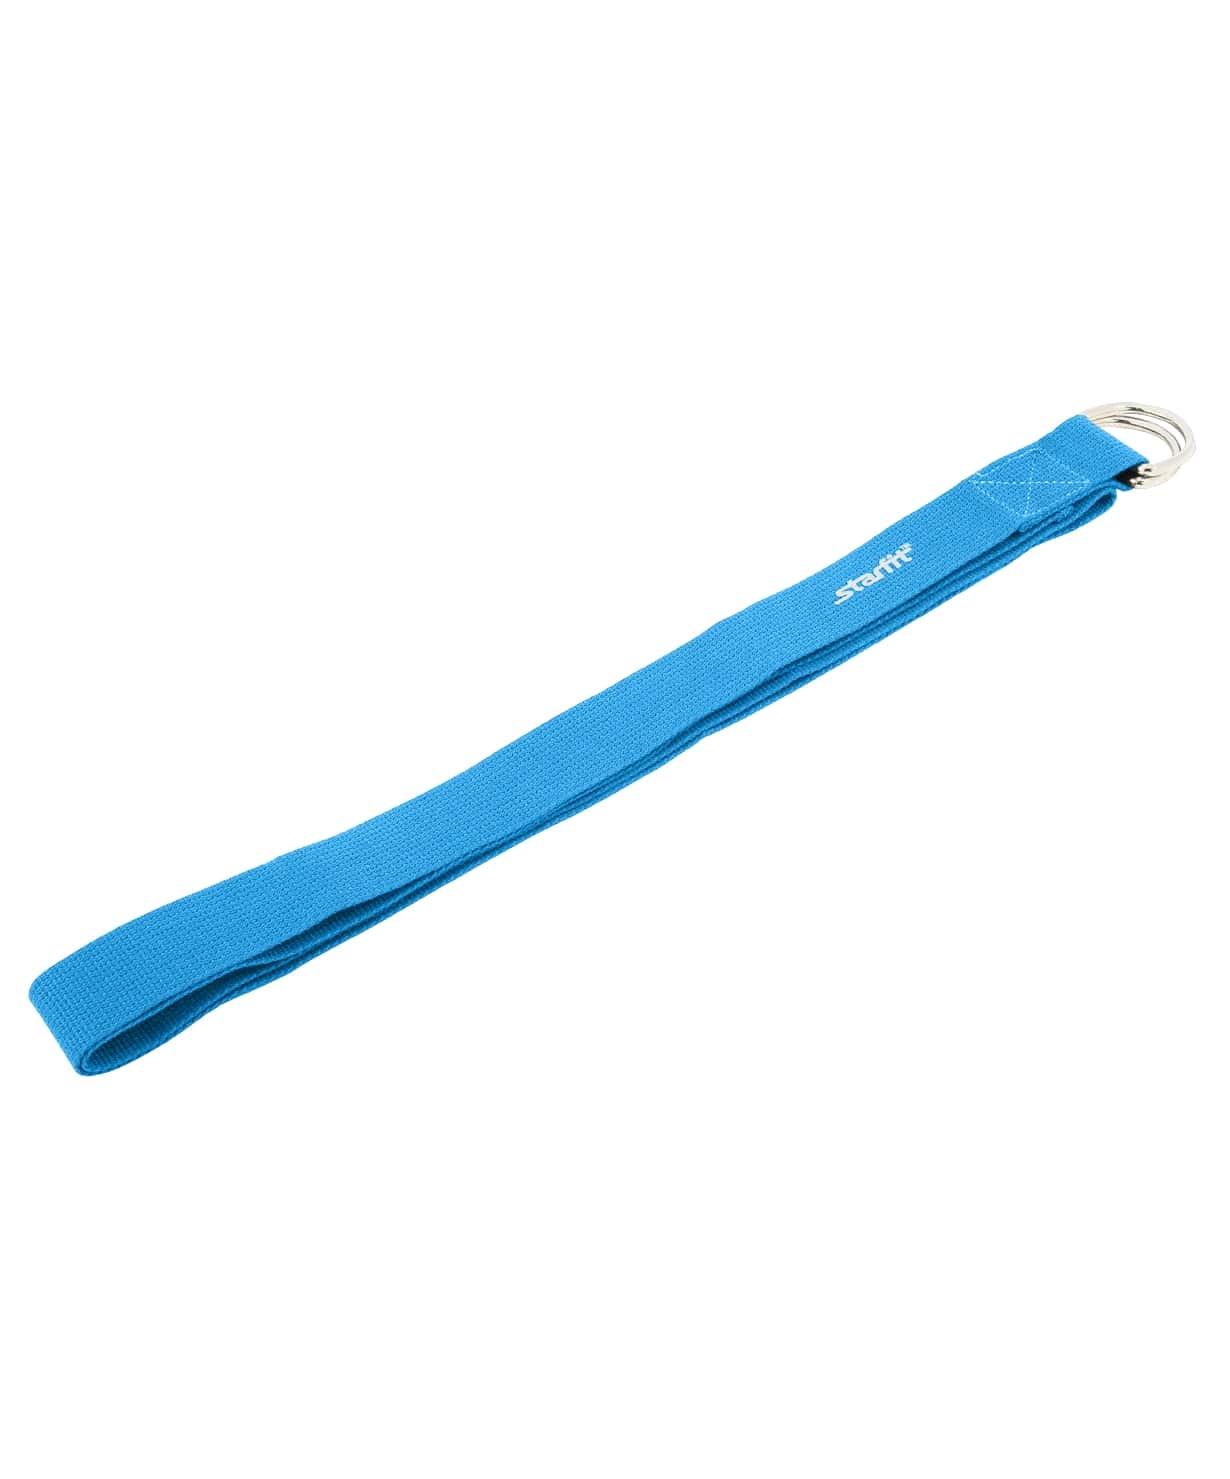 Ремень для йоги FA-103, синий